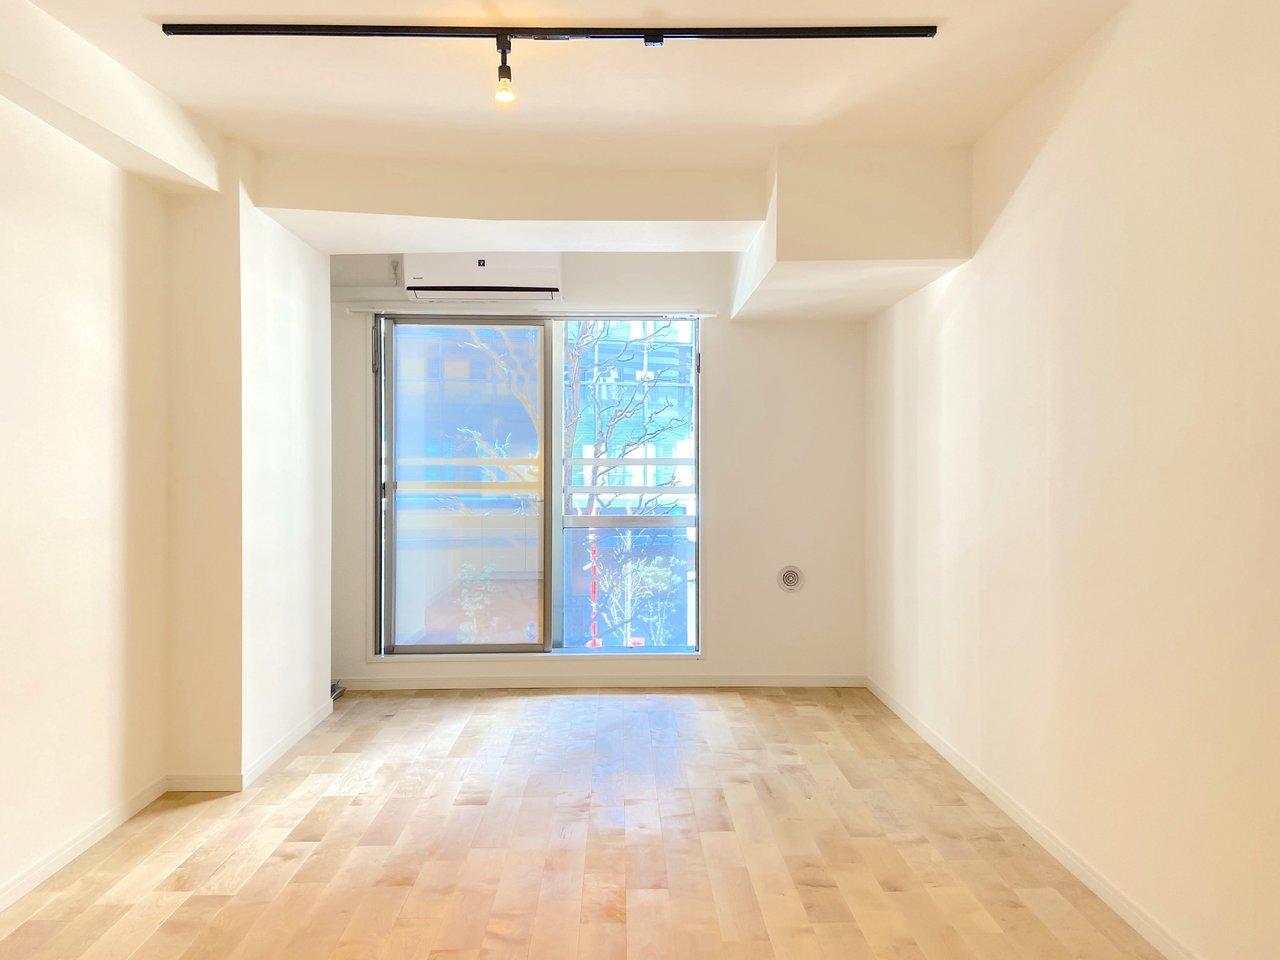 新宿御苑から徒歩1分のマンションをリノベーション!学生限定というのが羨ましくなるくらい、設備も内装も整いました